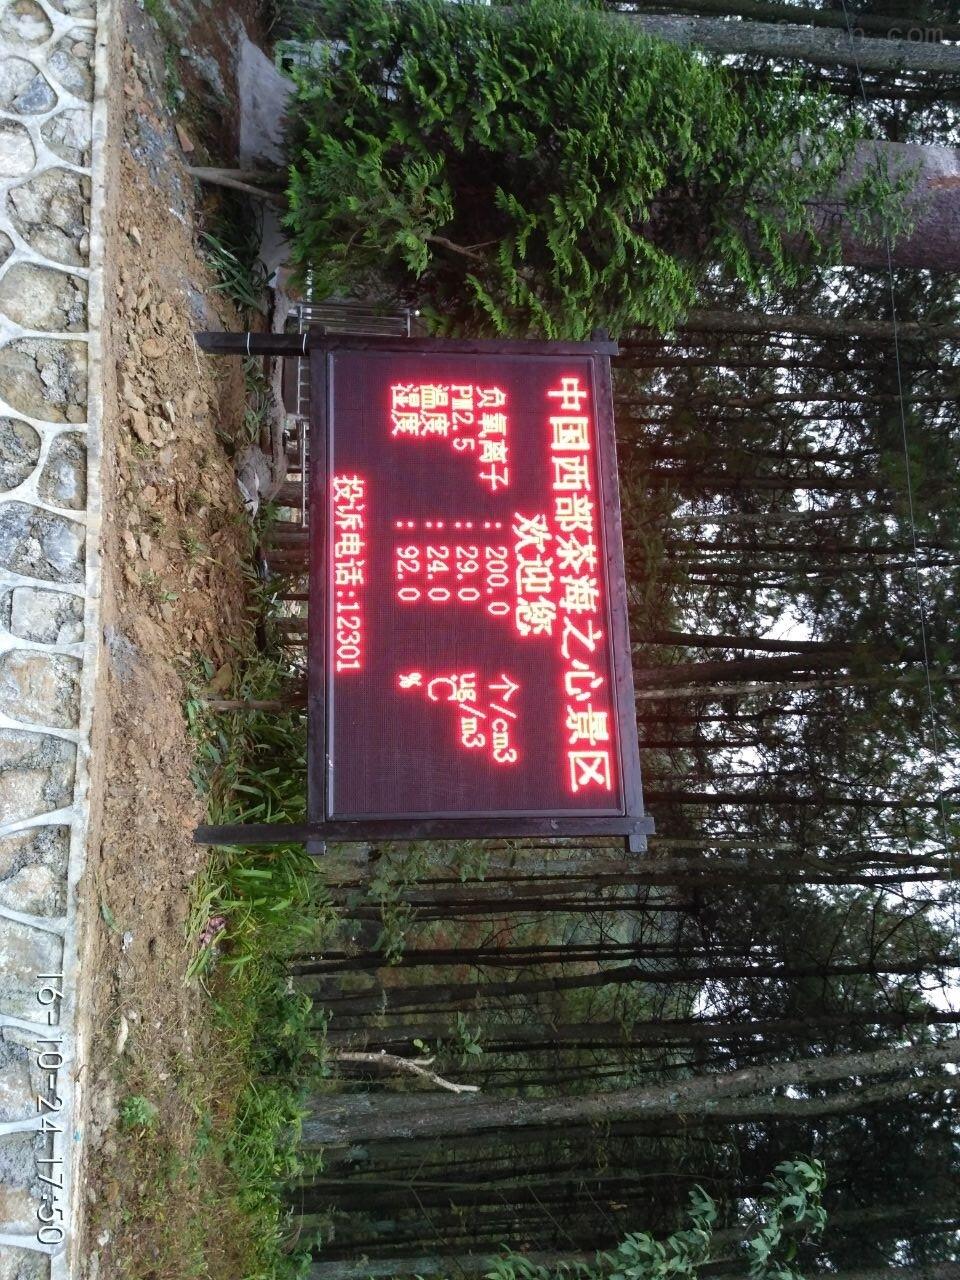 四川省森林旅游景区负氧离子监测系统  产品报价:¥59000 元 更新时间